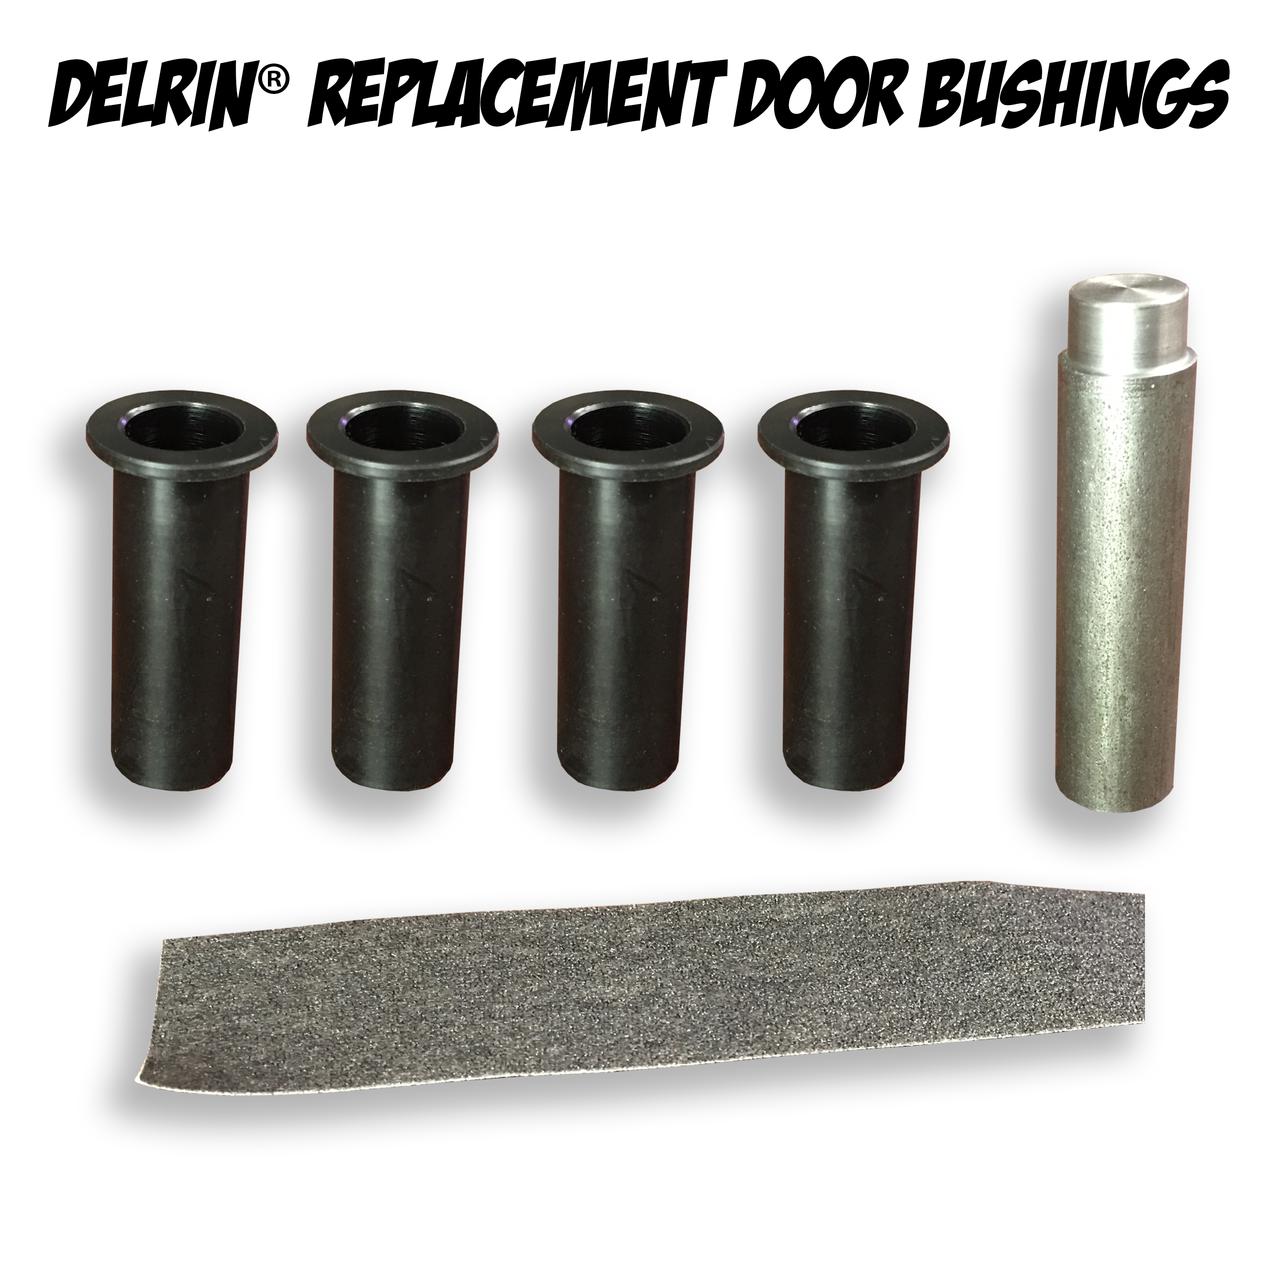 Delrinå¨ Replacement Door Hinge Bushings for Jeep Wrangler JK 2 Door 2007-2016